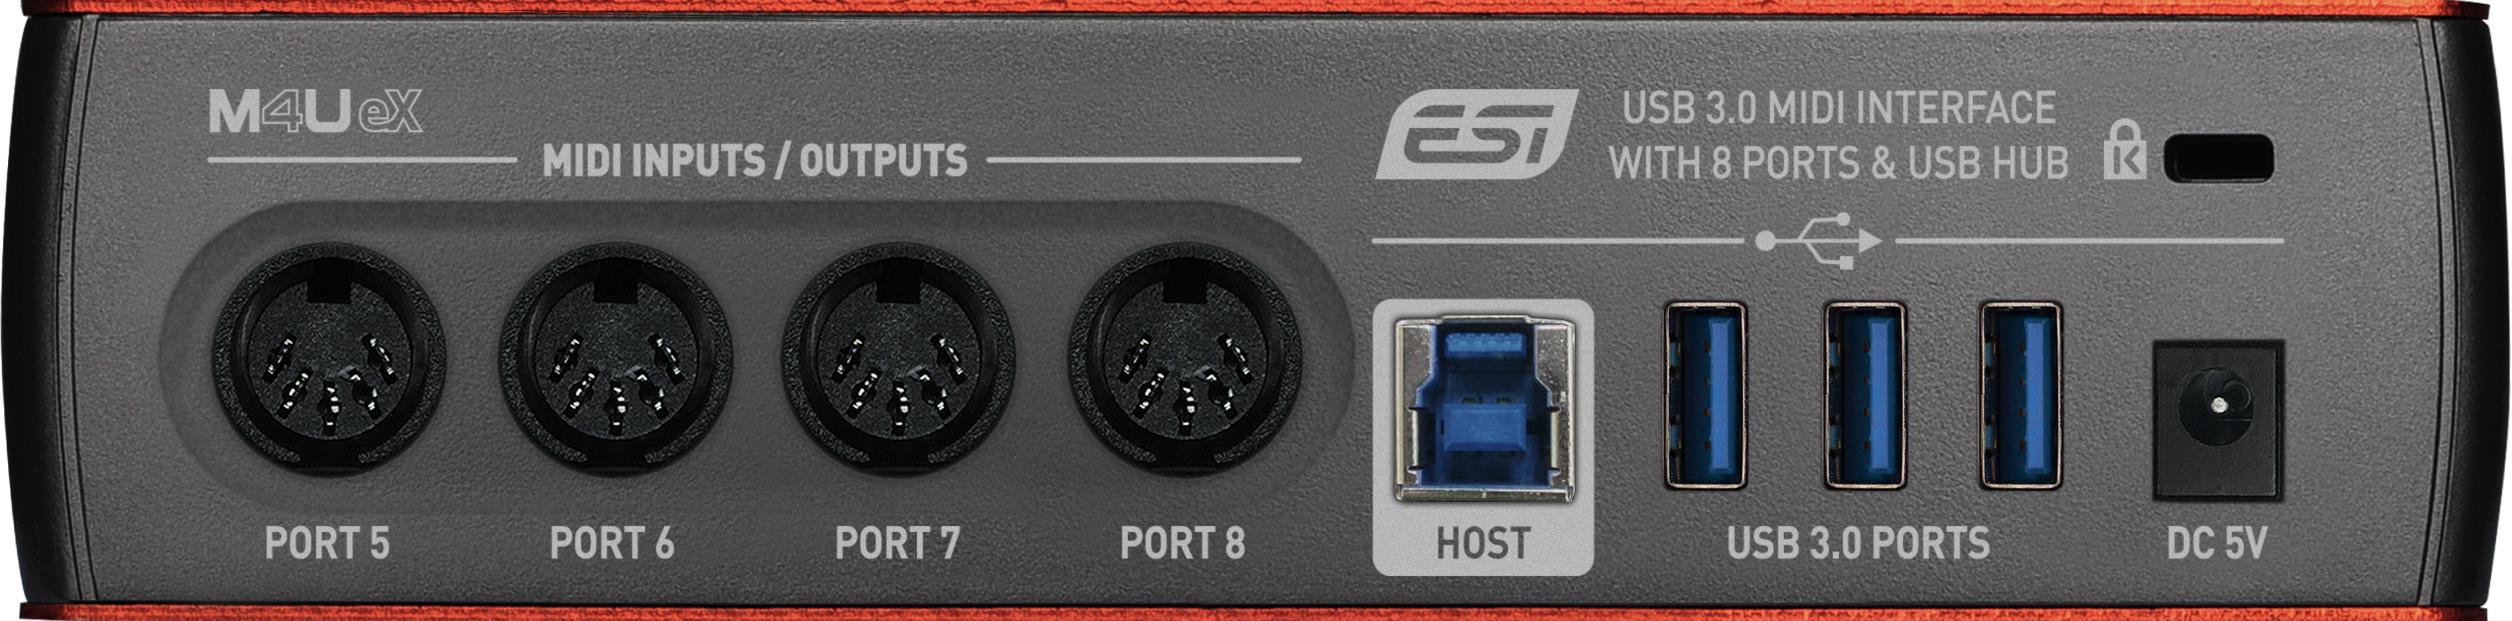 ESI - M4U eX